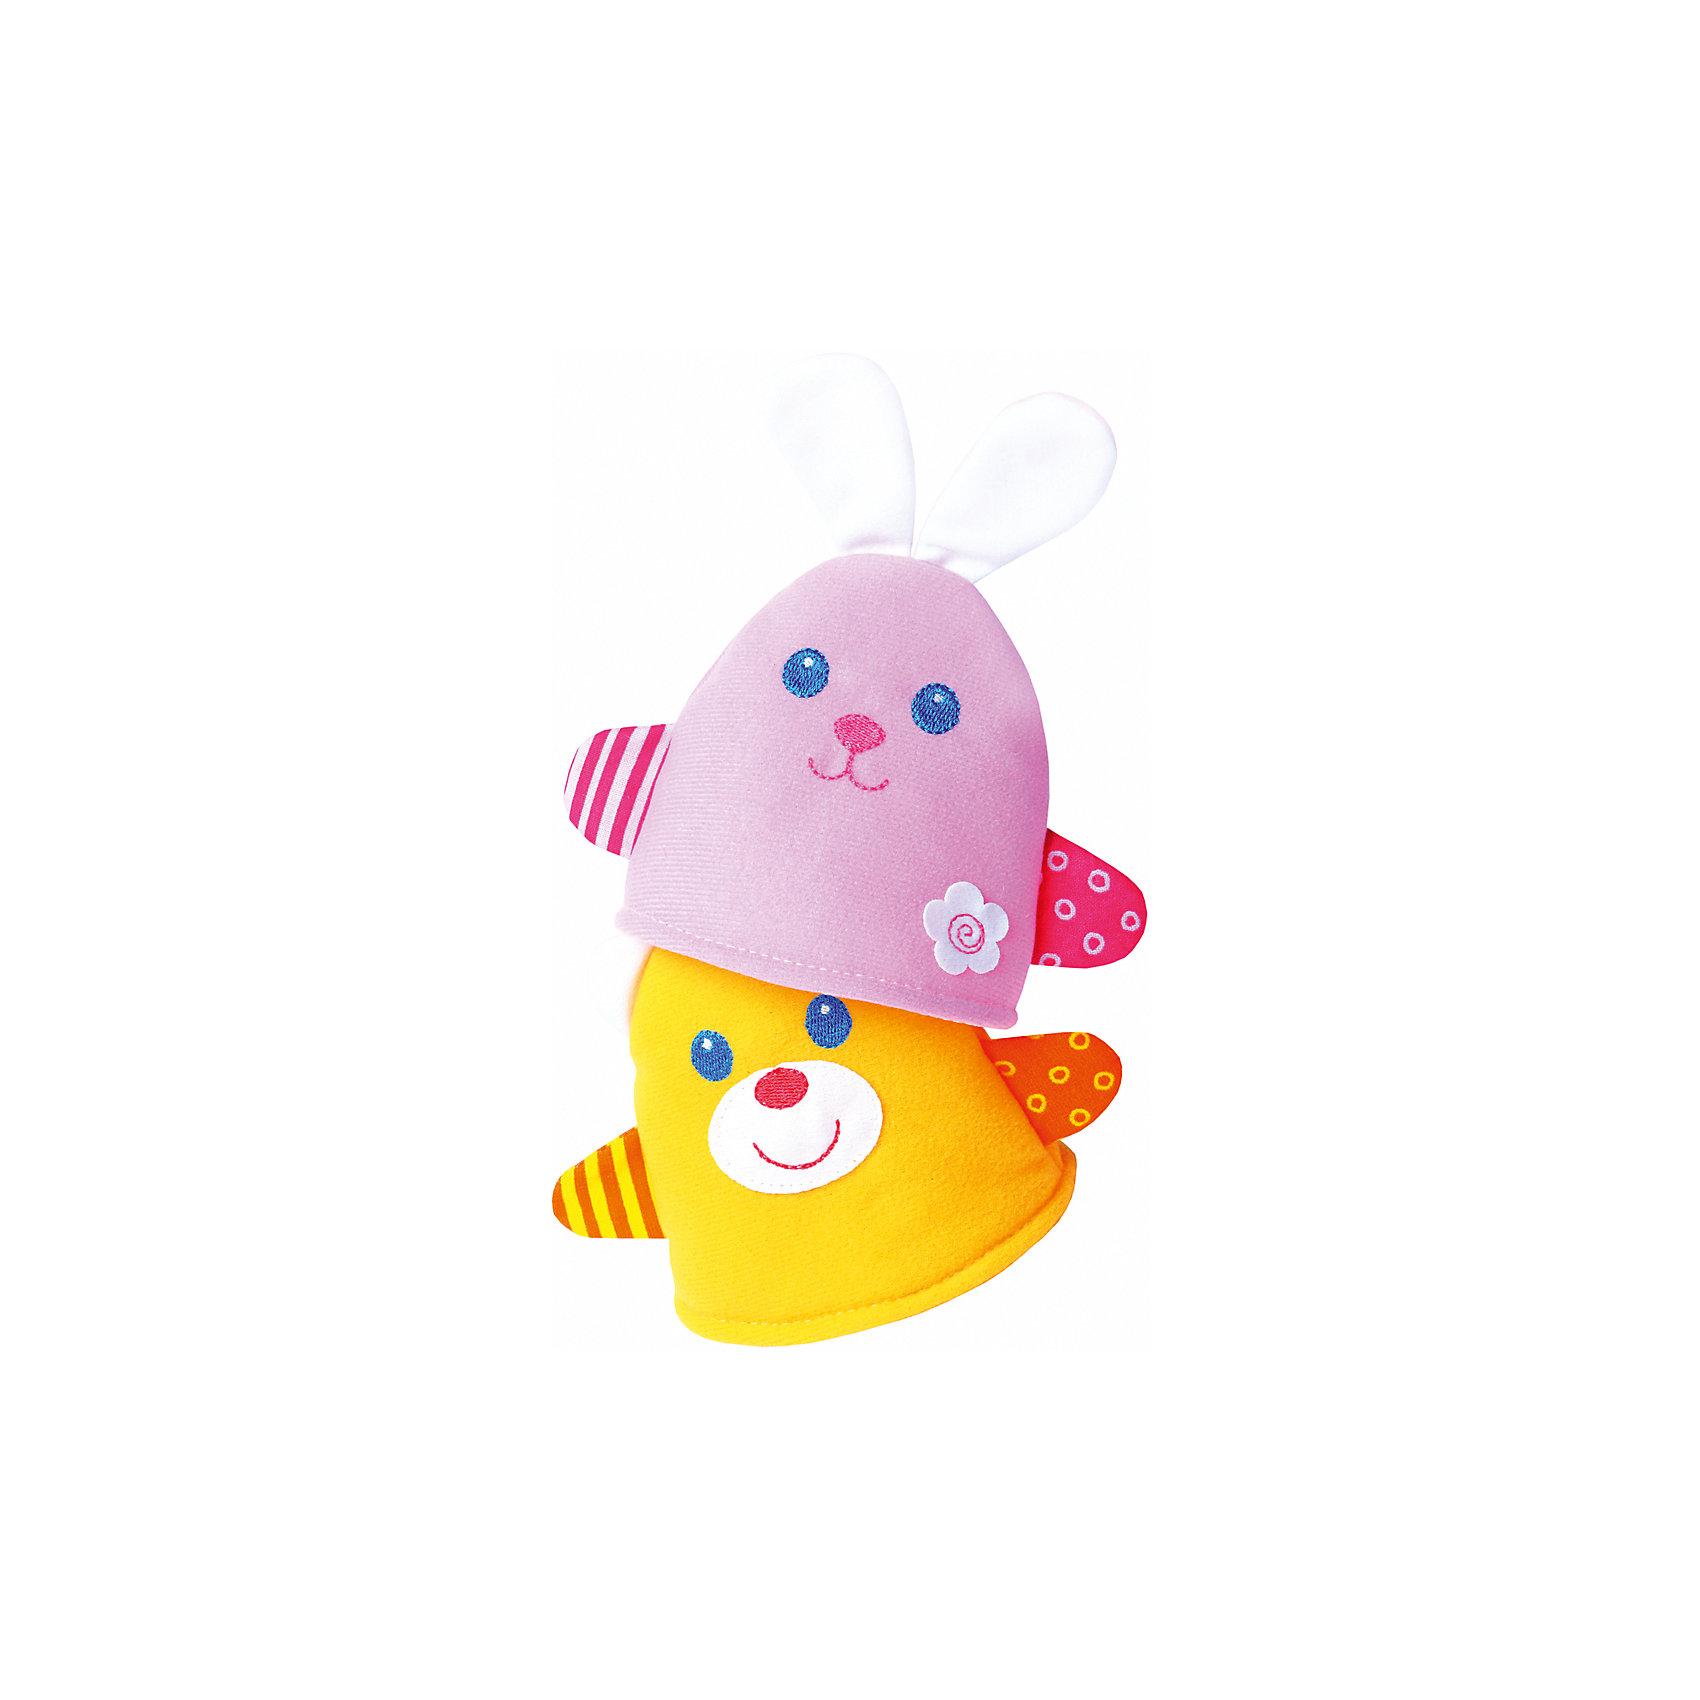 Игрушка-потешка Мишка с Зайкой, МякишиМягкие игрушки<br>Характеристики товара:<br><br>• материал: трикотаж, синтепон<br>• комплектация: зайка и мишка<br>• размер игрушки: 14х14 см<br>• разные фактуры<br>• пищалка в одной игрушке<br>• развивающая игрушка<br>• упаковка: пакет<br>• страна бренда: РФ<br>• страна изготовитель: РФ<br><br>Малыши активно познают мир и тянутся к новой информации. Чтобы сделать процесс изучения окружающего пространства интереснее, ребенку можно подарить развивающие игрушки. В процессе игры информация усваивается намного лучше!<br>Такие игрушки помогут занять малыша, играть с ними приятно и весело. Игрушка имеет универсальный размер - она отлично сядет по детской ручке или поможет спрятать предмет. С ней можно разыграть множество сюжетов! Одновременно она позволит познакомиться с разными цветами и фактурами. Такие игрушки развивают тактильные ощущения, моторику, цветовосприятие, логику, воображение, учат фокусировать внимание. Каждое изделие абсолютно безопасно – оно создано из качественной ткани с мягким наполнителем. Игрушки производятся из качественных и проверенных материалов, которые безопасны для детей.<br><br>Игрушку-потешку Мишка с Зайкой от бренда Мякиши можно купить в нашем интернет-магазине.<br><br>Ширина мм: 350<br>Глубина мм: 160<br>Высота мм: 80<br>Вес г: 40<br>Возраст от месяцев: 12<br>Возраст до месяцев: 36<br>Пол: Унисекс<br>Возраст: Детский<br>SKU: 5183207